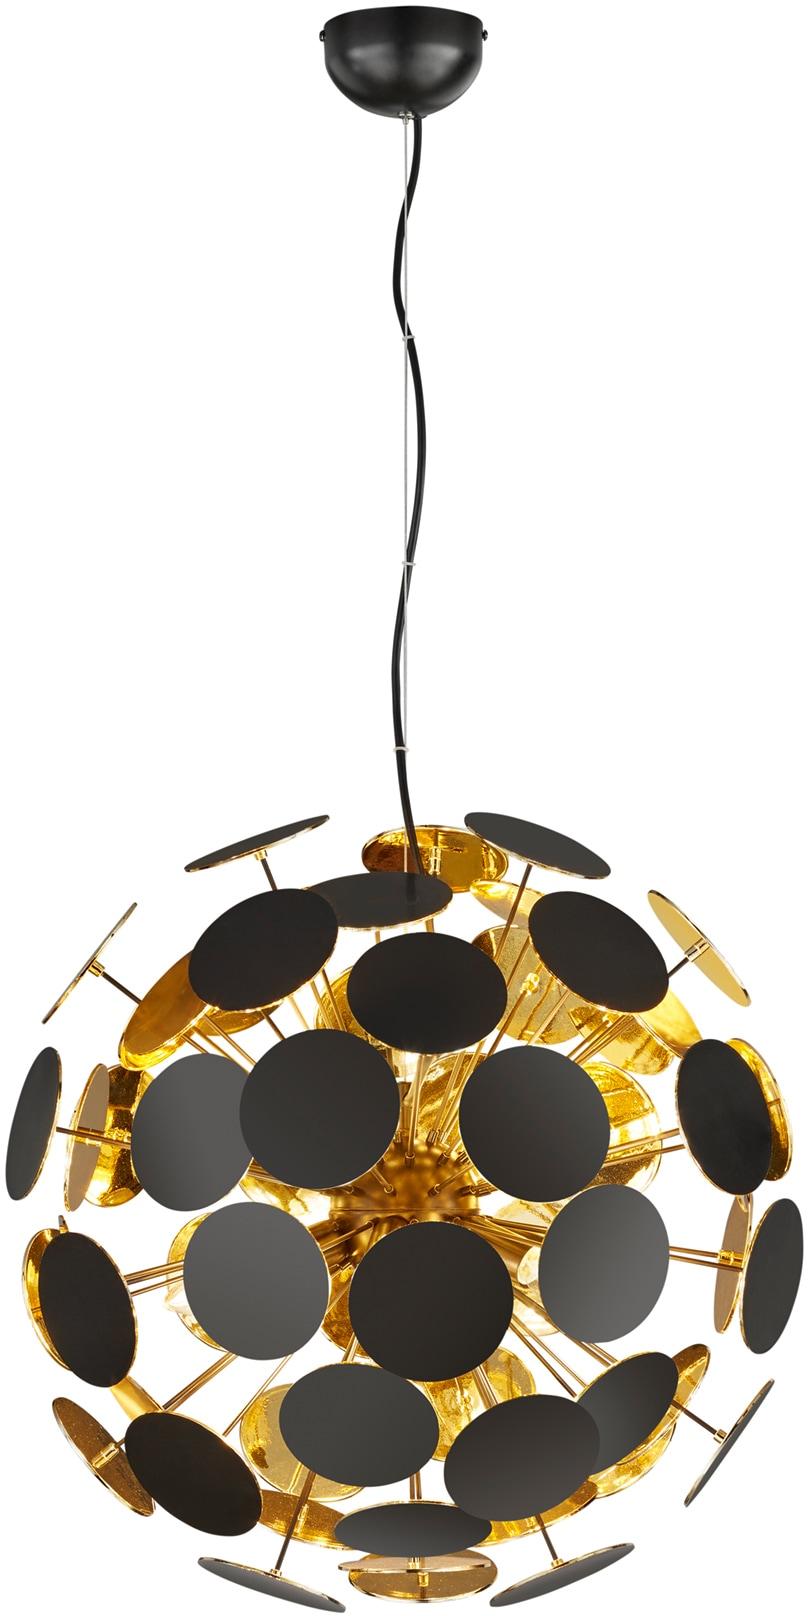 TRIO Leuchten Pendelleuchte Discalgo, E14, Hängeleuchte, Hängelampe, Leuchtmittel tauschbar